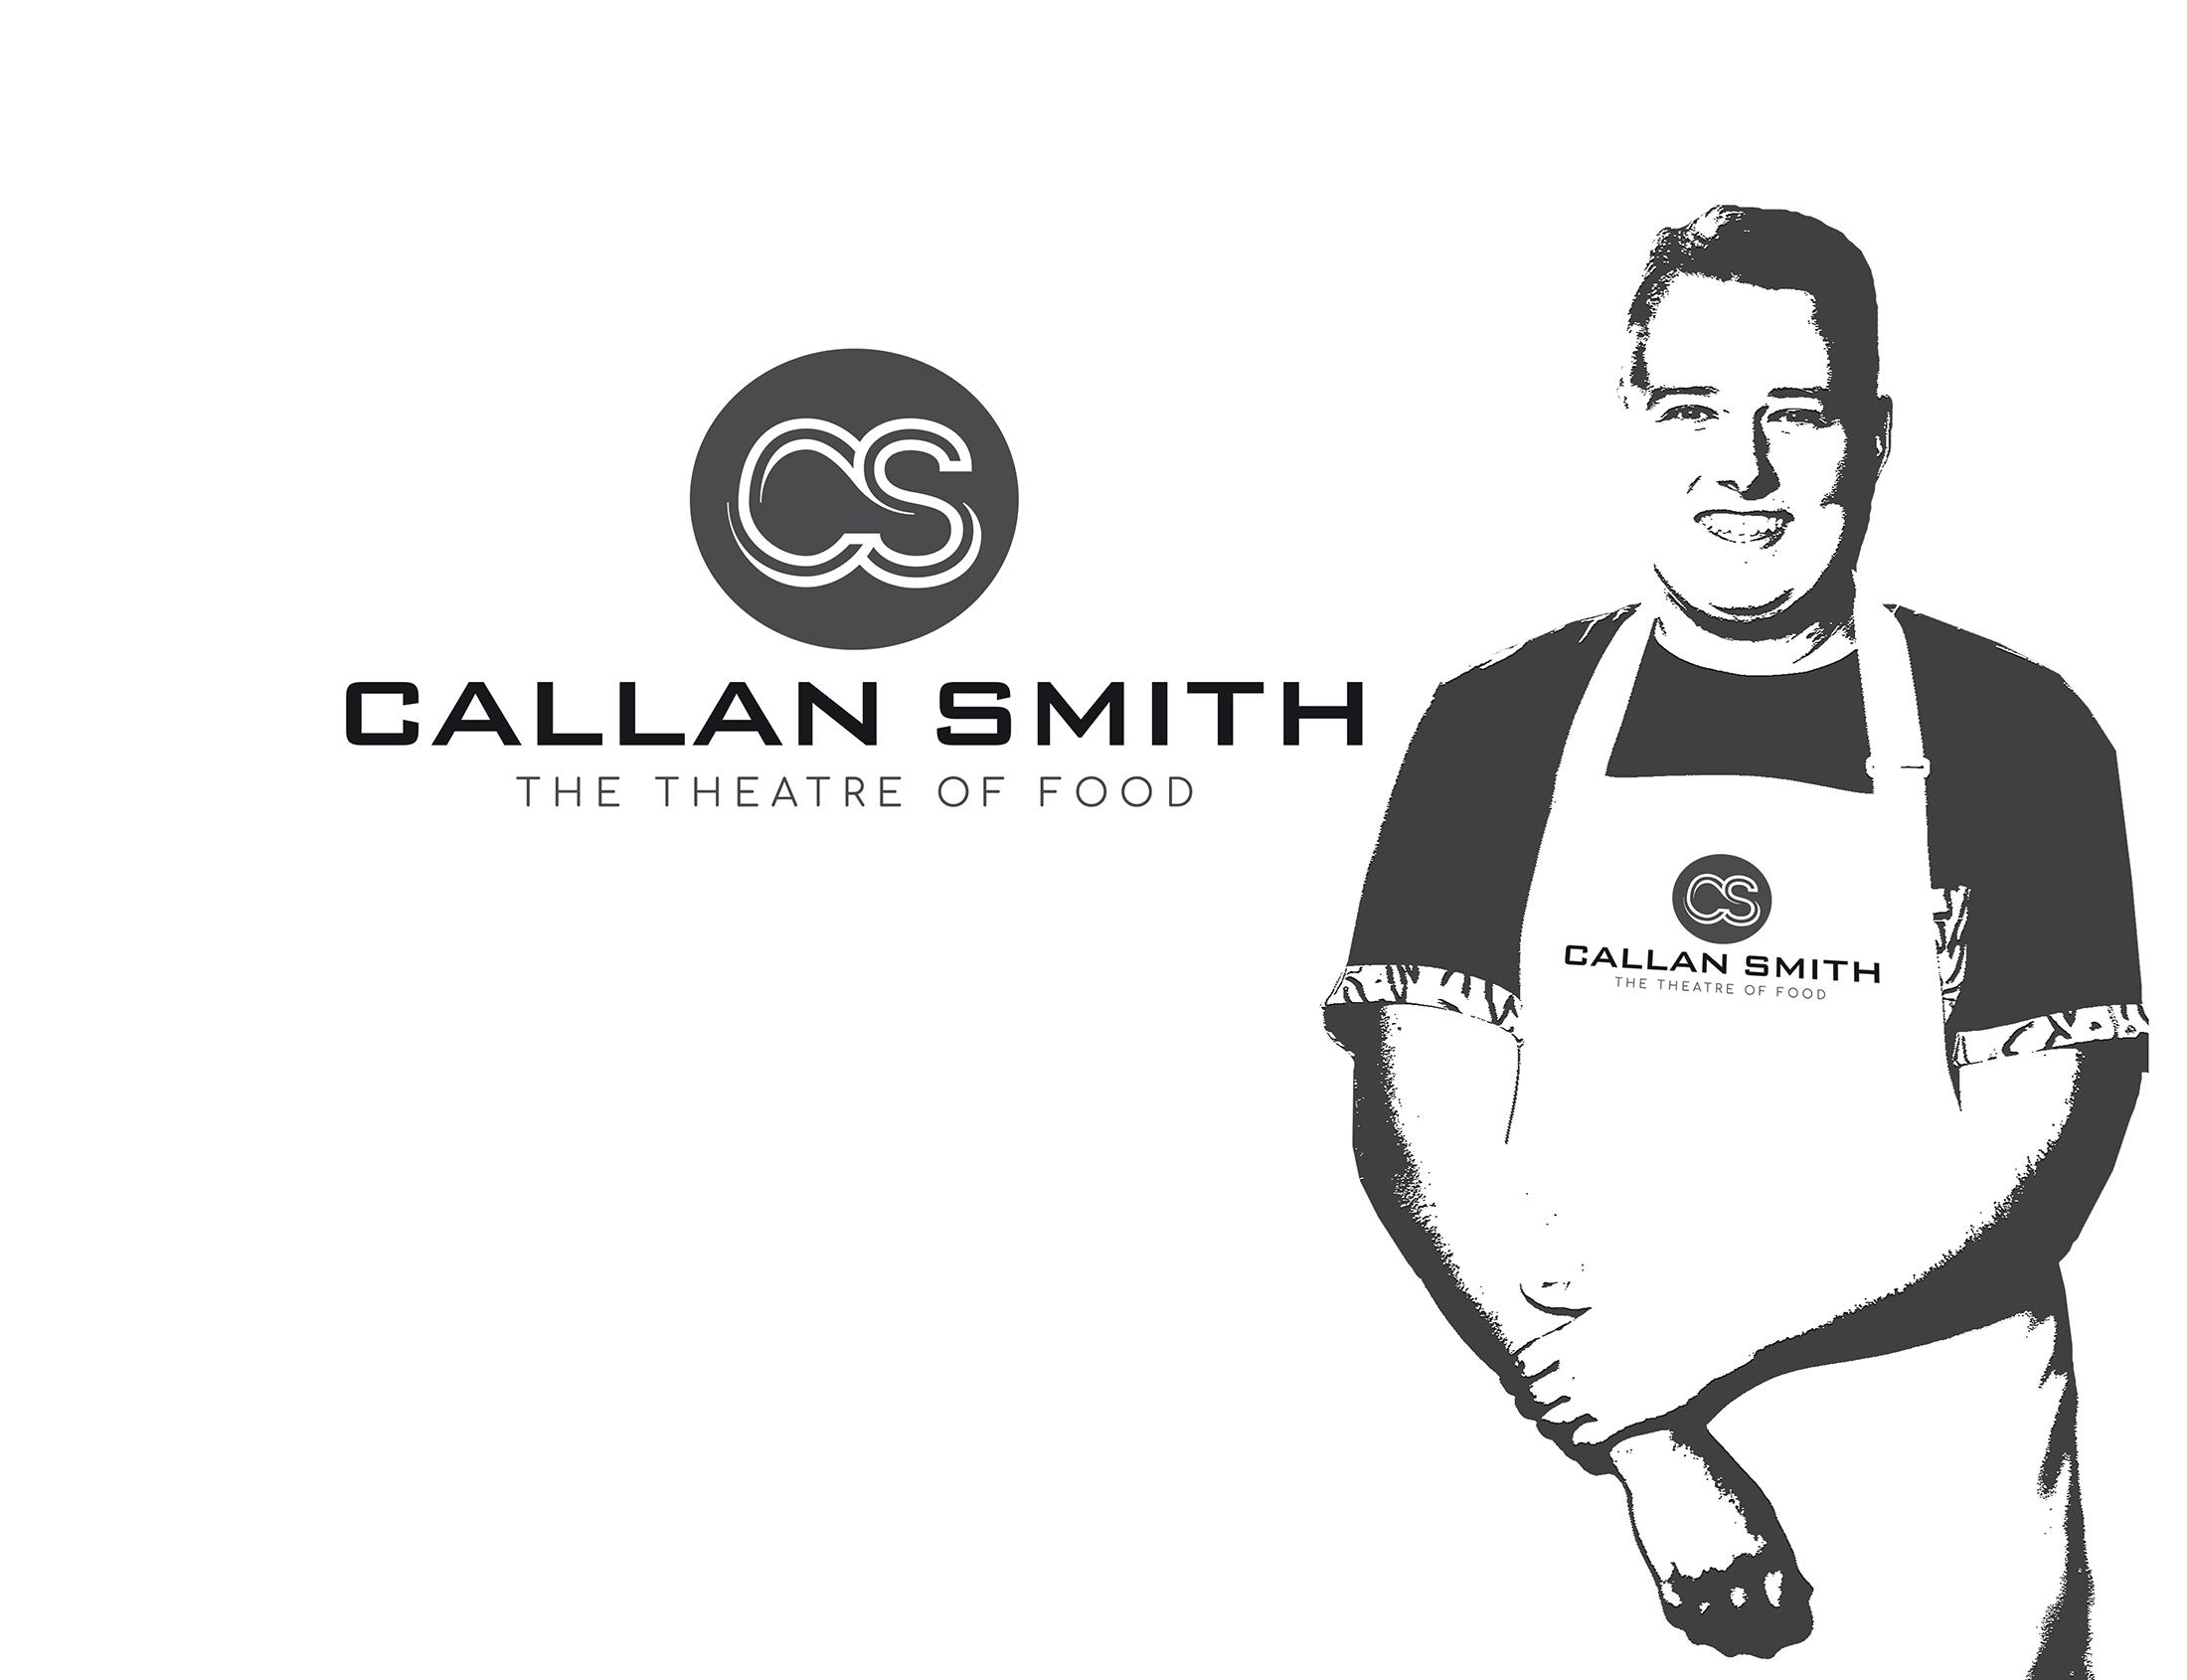 Callan Smith